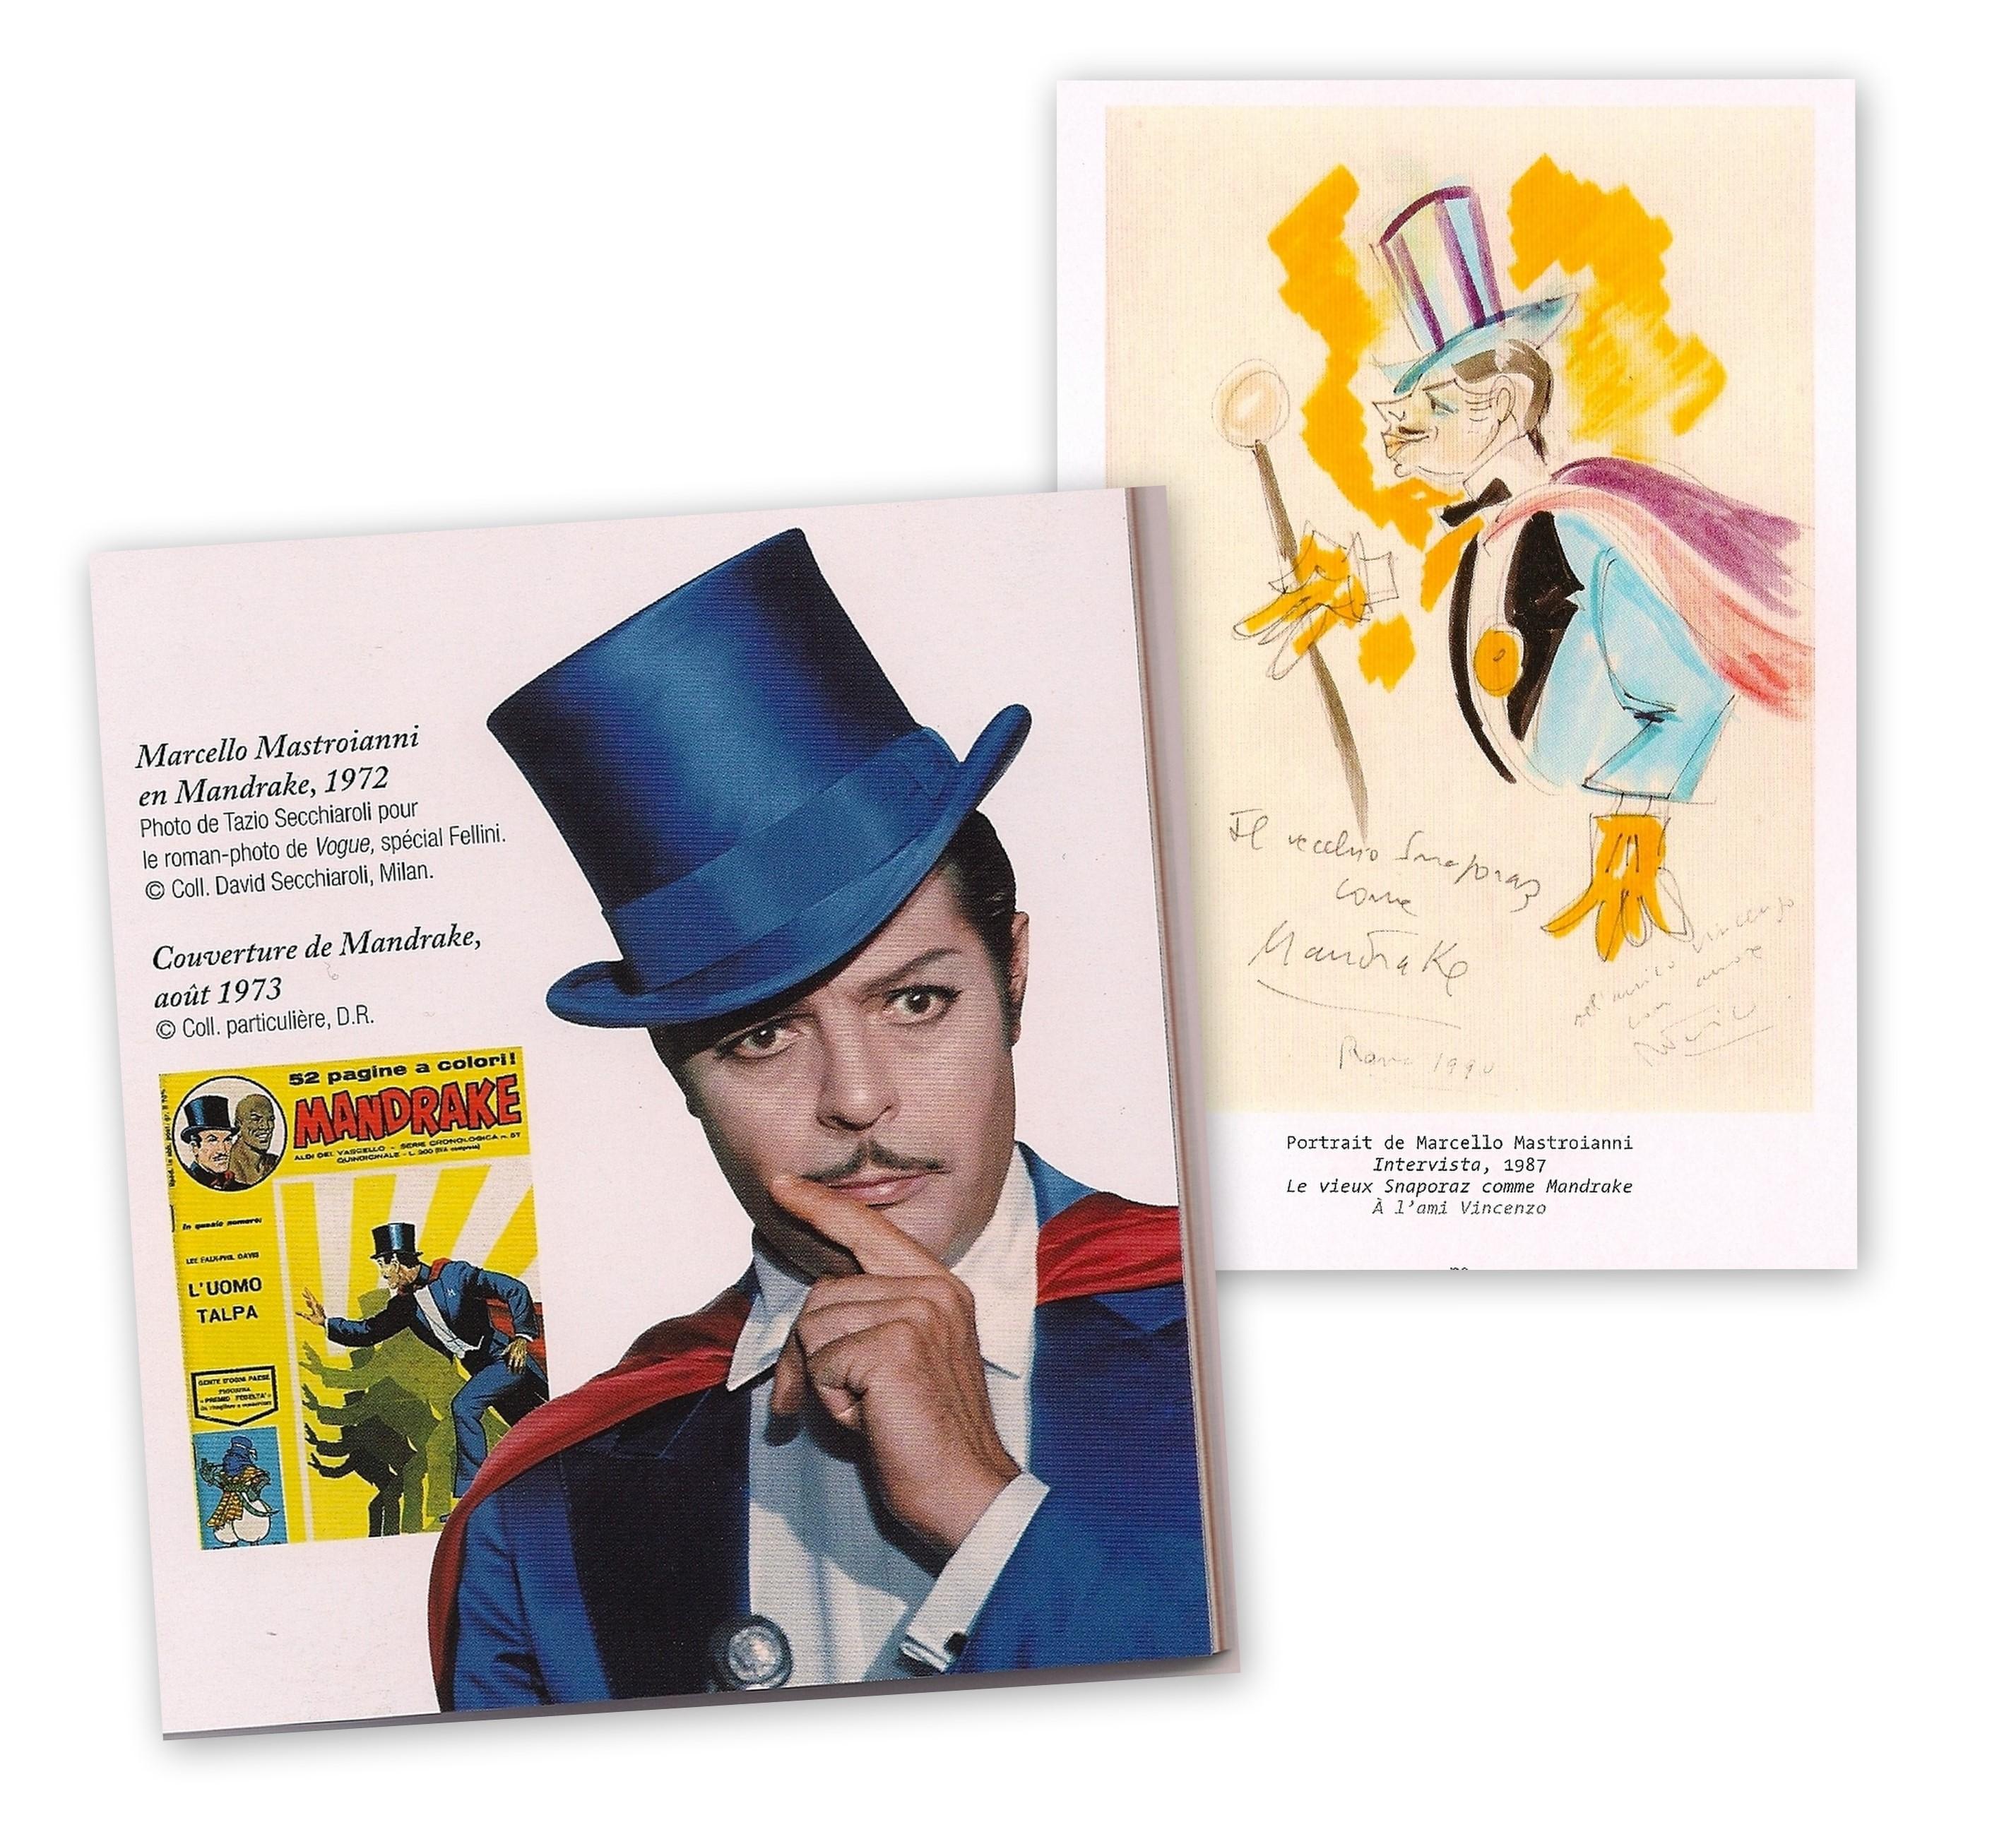 En 1972, Marcello incarne Mandrake dans un roman photo mis en scène par Frederico pour le journal Vogue, numéro spécial Fellini. En 1987, Marcello retrouve l'habit du magicien dans Intervista (dessin du maestro), mais cette fois le poids des ans a oeuvré sur la star et son héros fantasmé...